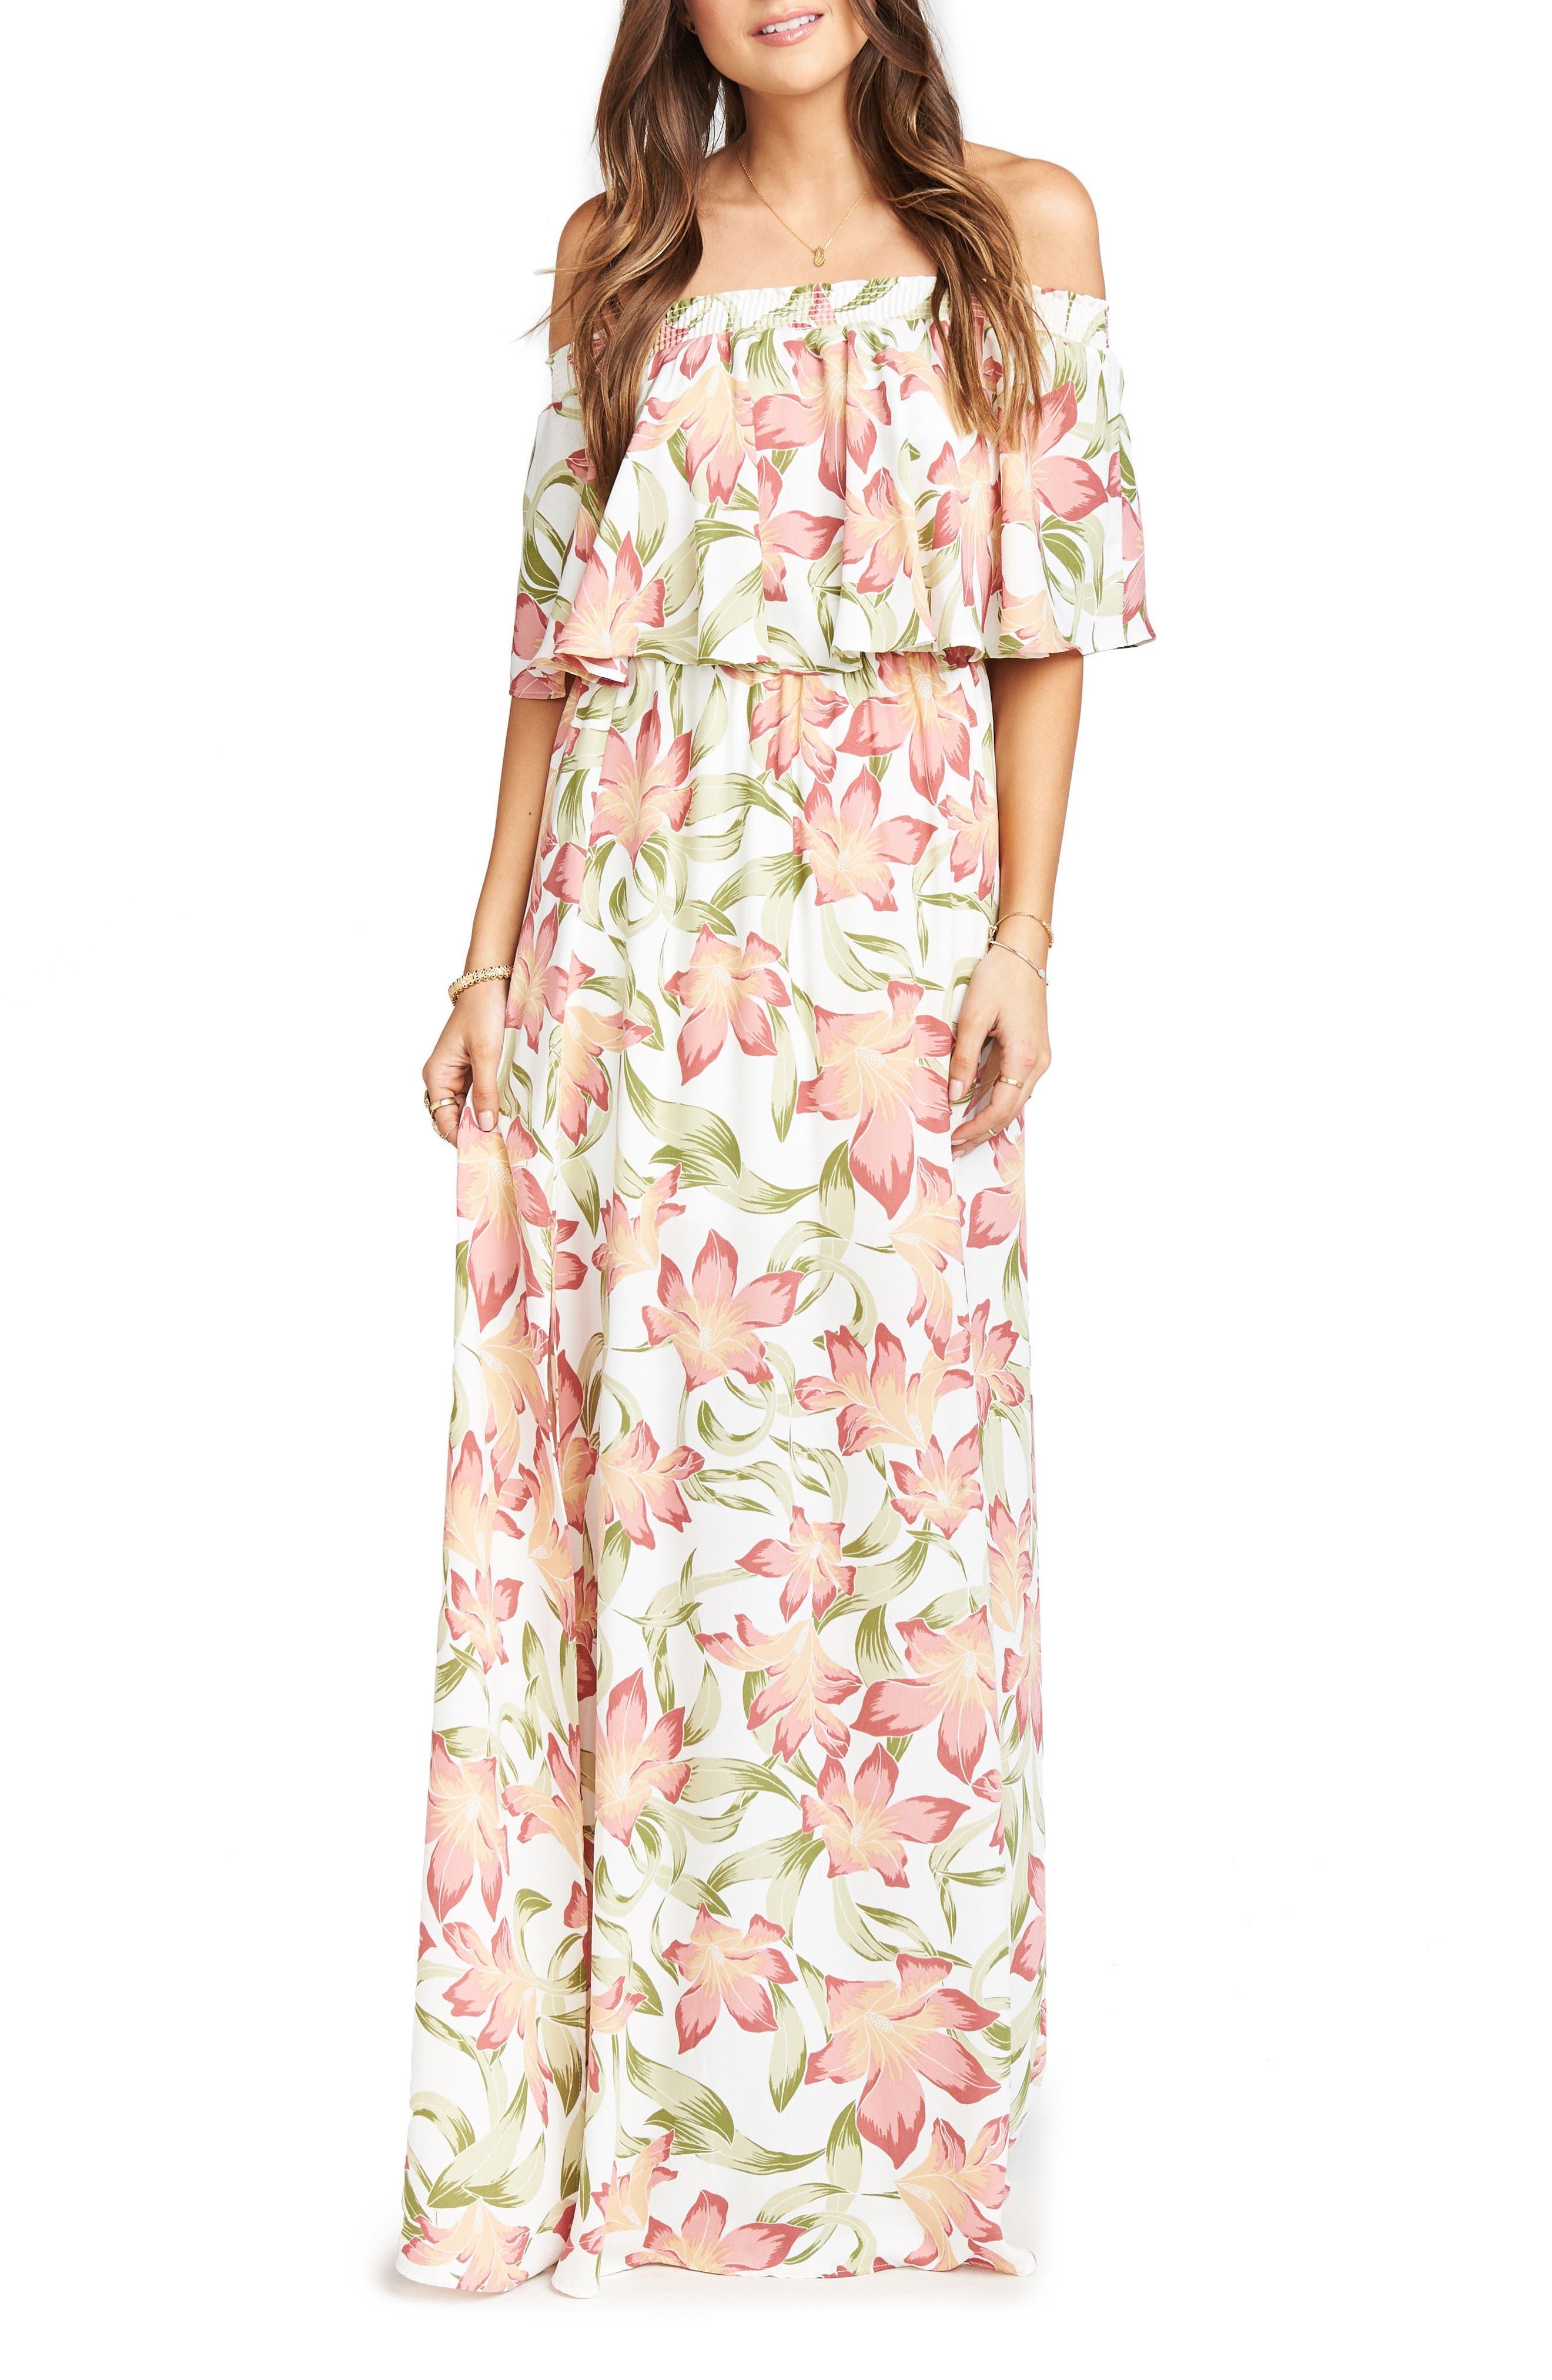 Hacienda Maxi Dress,                             Main thumbnail 1, color,                             Lily Lady Crepe